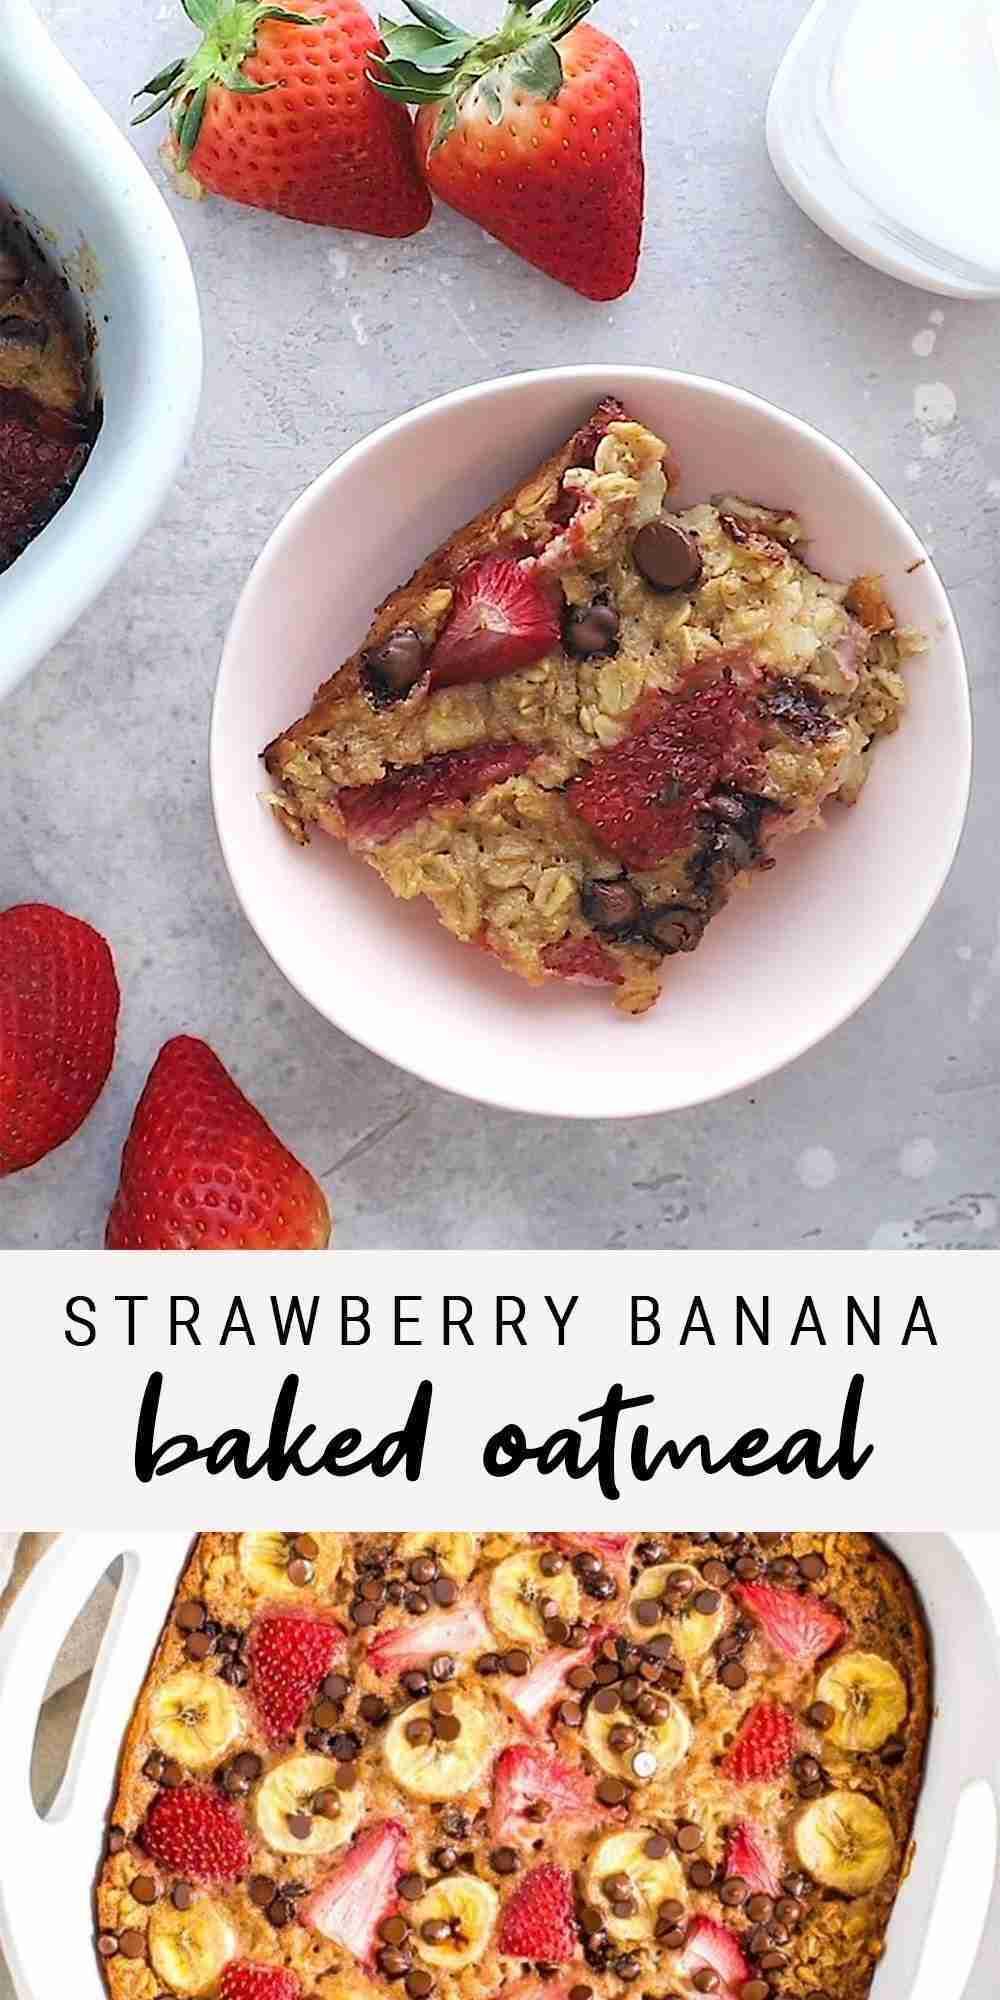 Easy + Healthy Strawberry Banana Baked Oatmeal Recipe